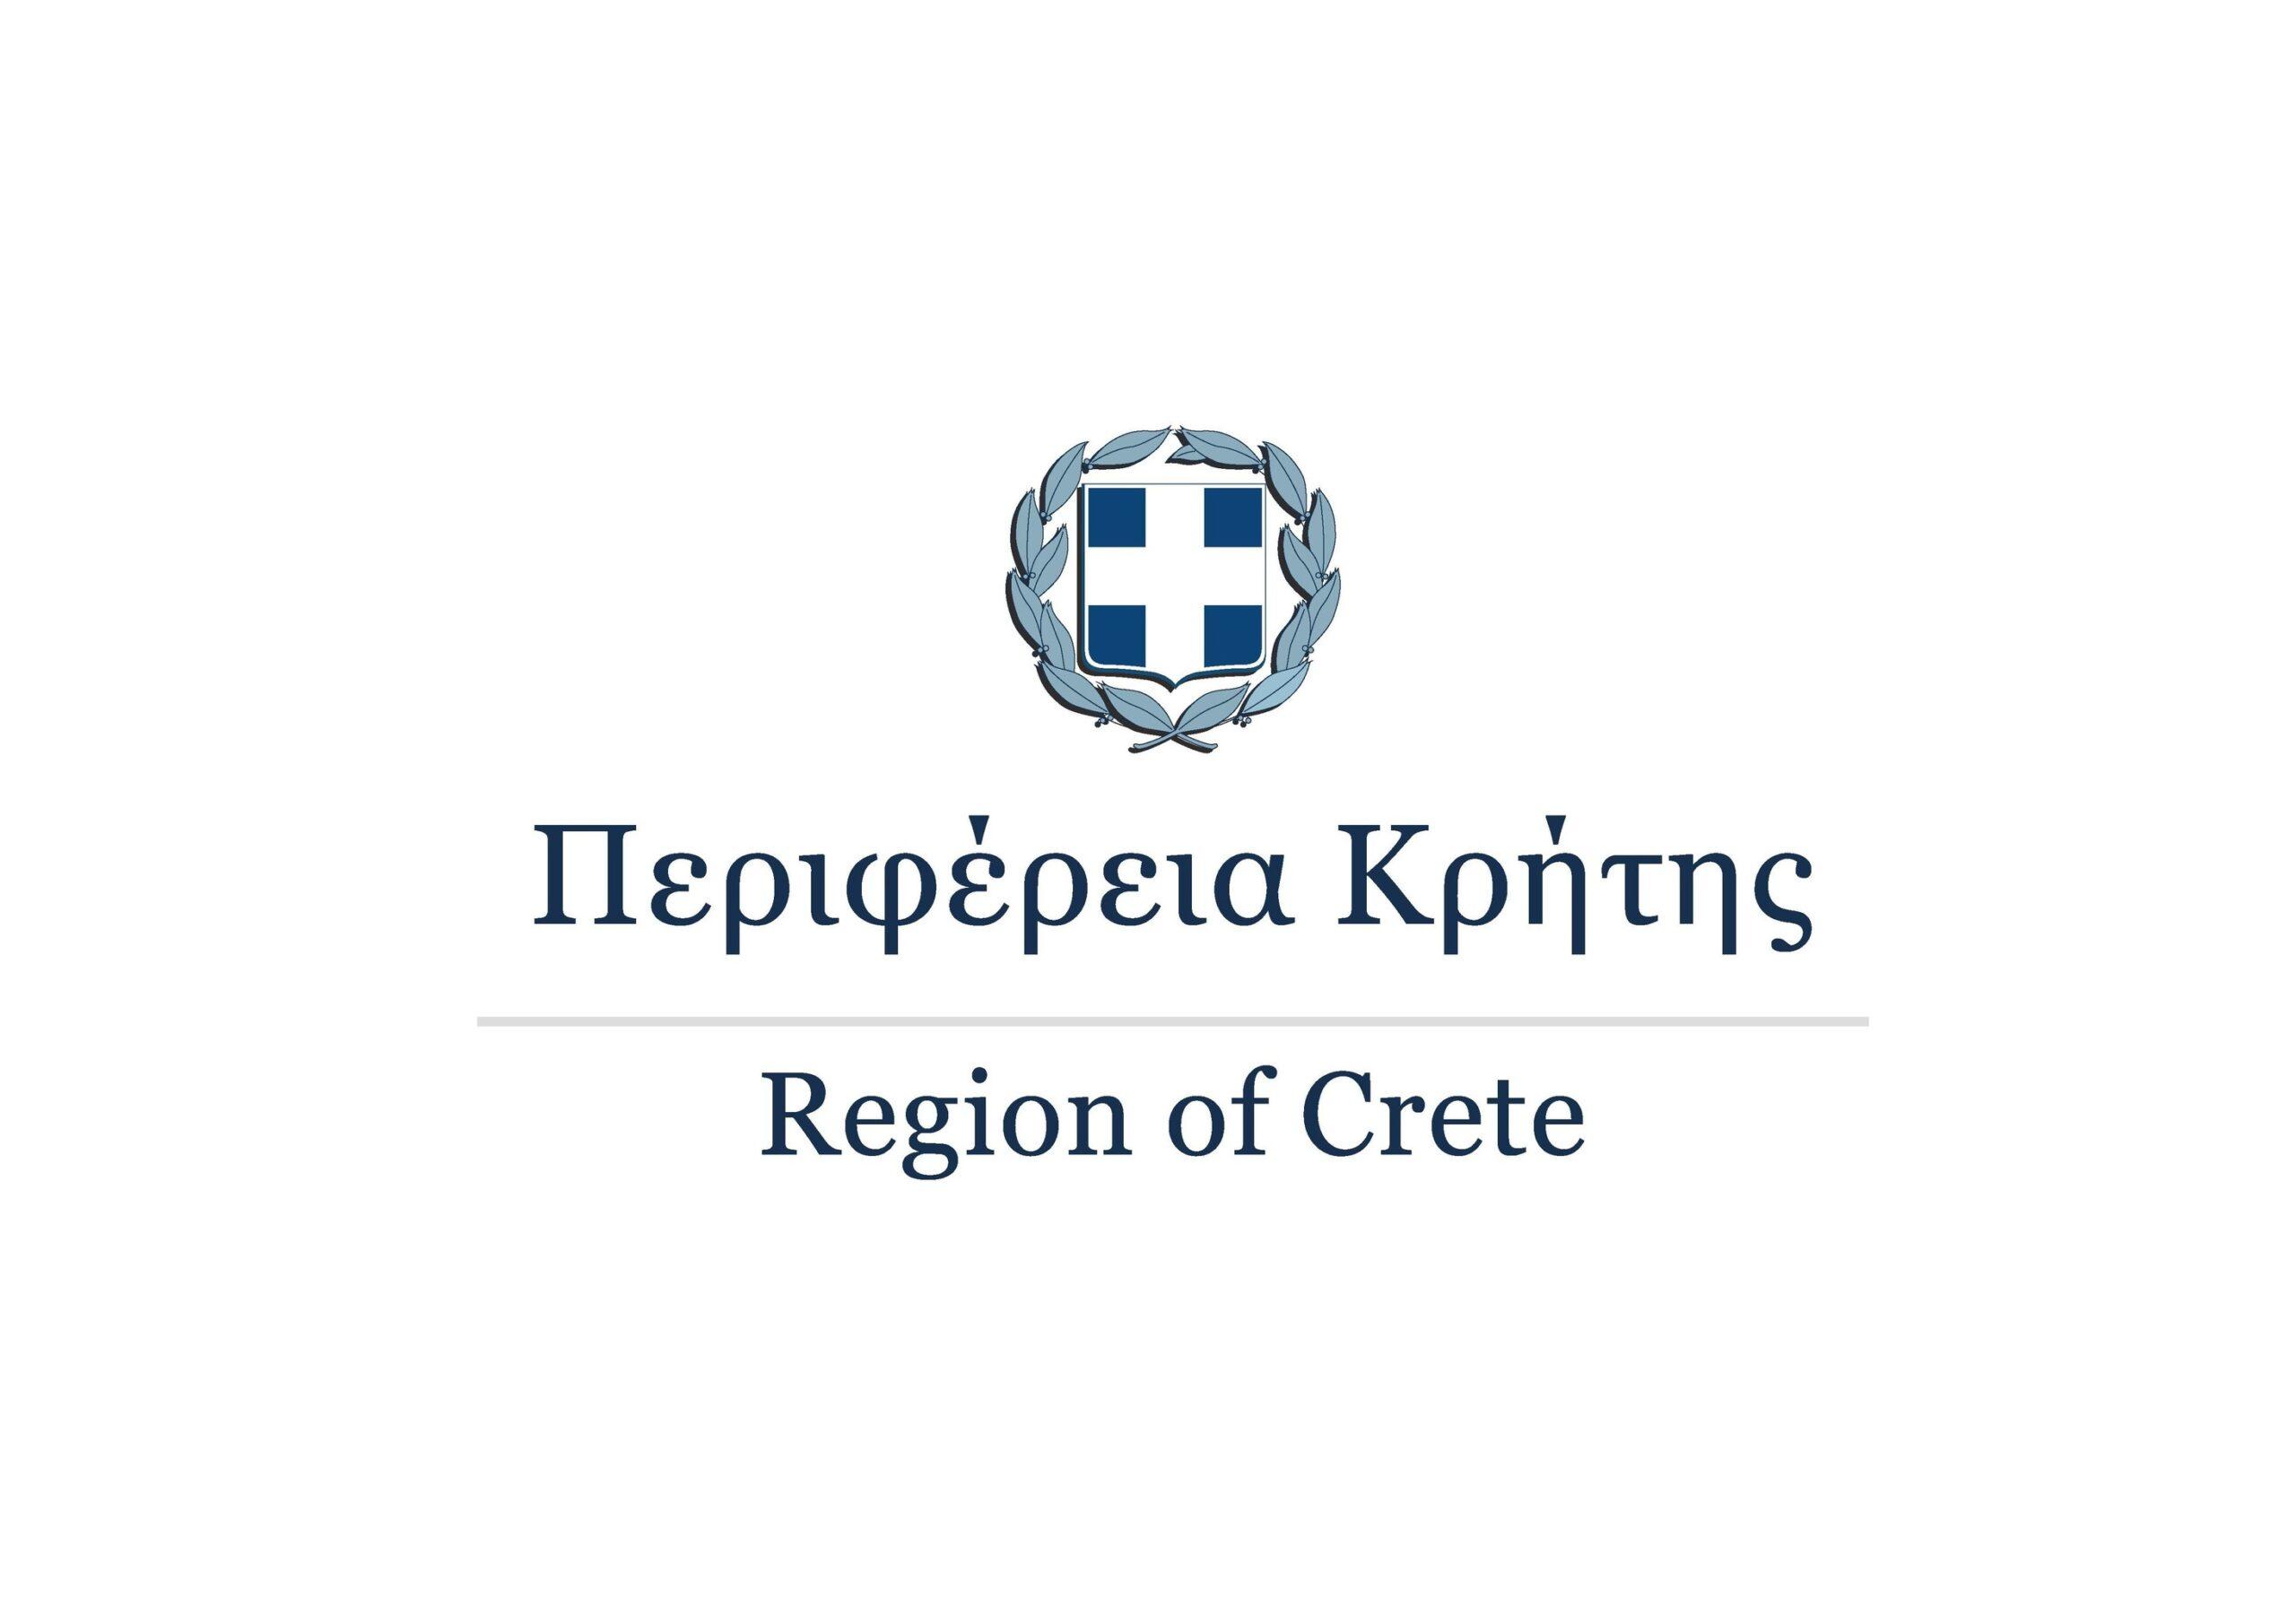 Διαχείριση μέσων κοινωνικής δικτύωσης – Περιφέρεια Κρήτης